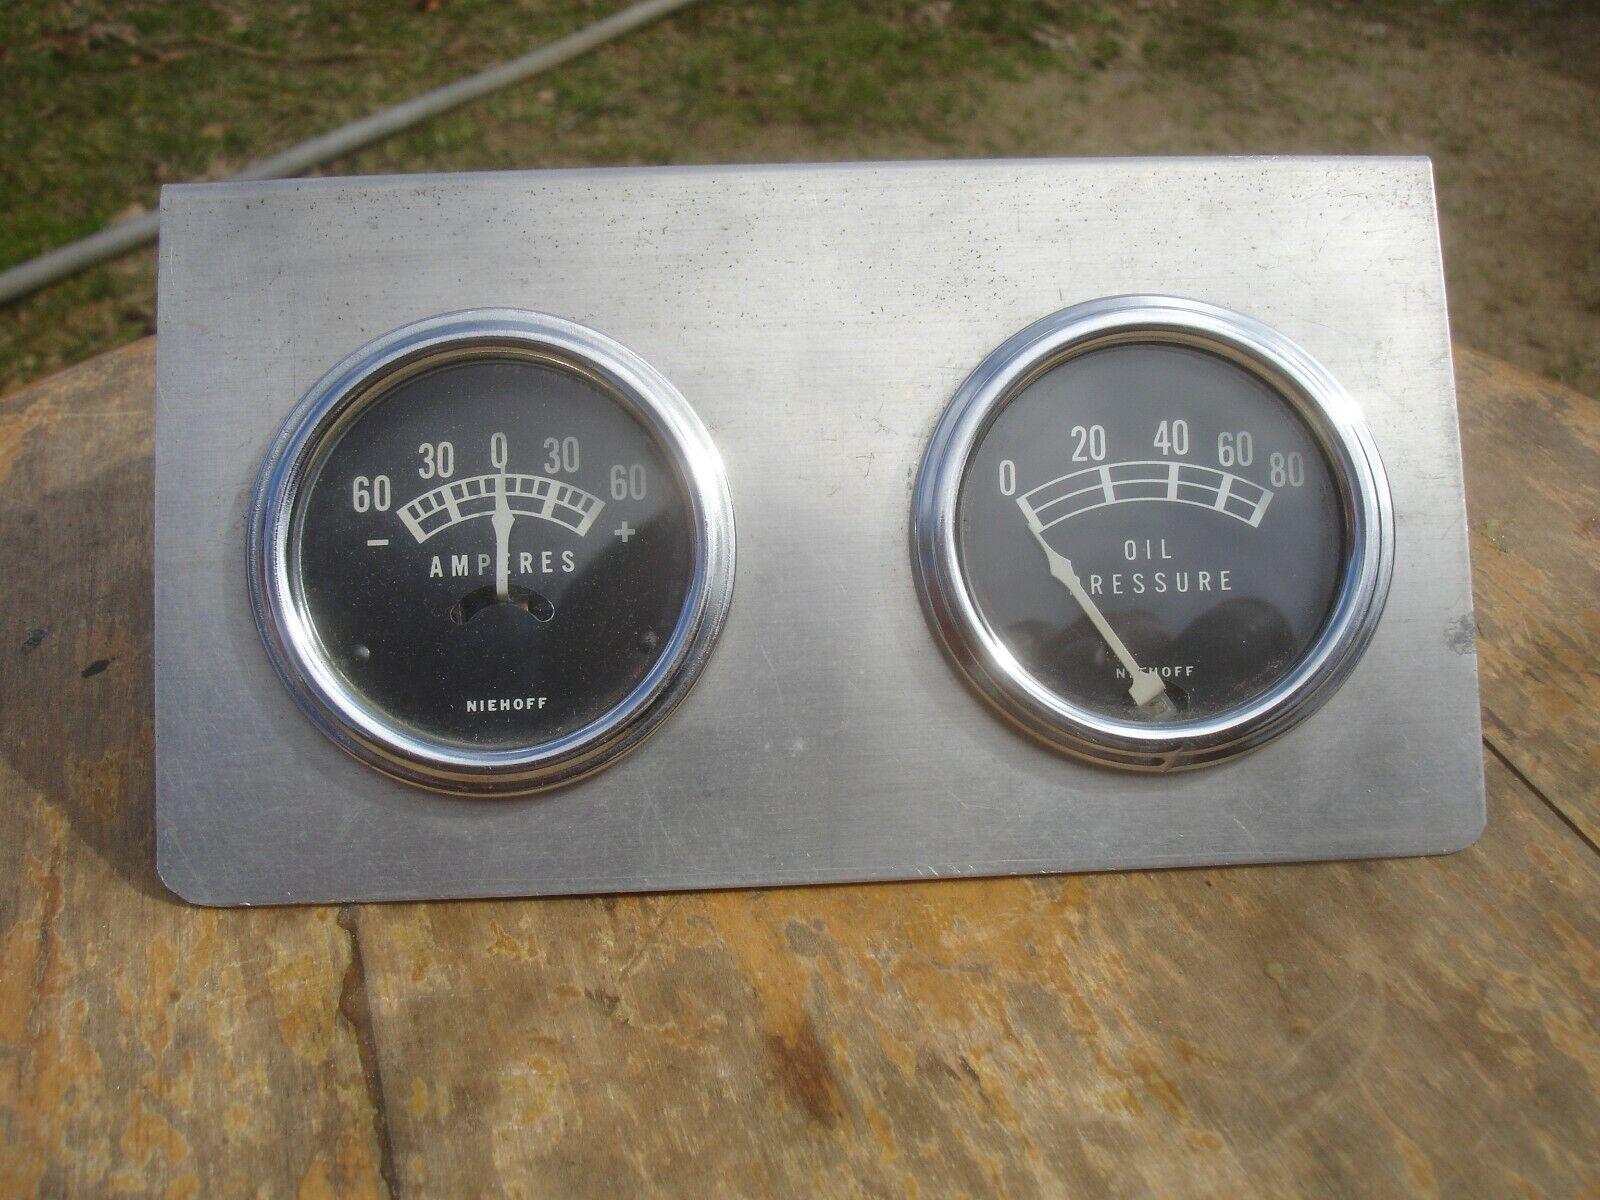 Vintage Niehoff Amp & Oil Pressure Gauges w/ Panel hot rod gasser rat race car